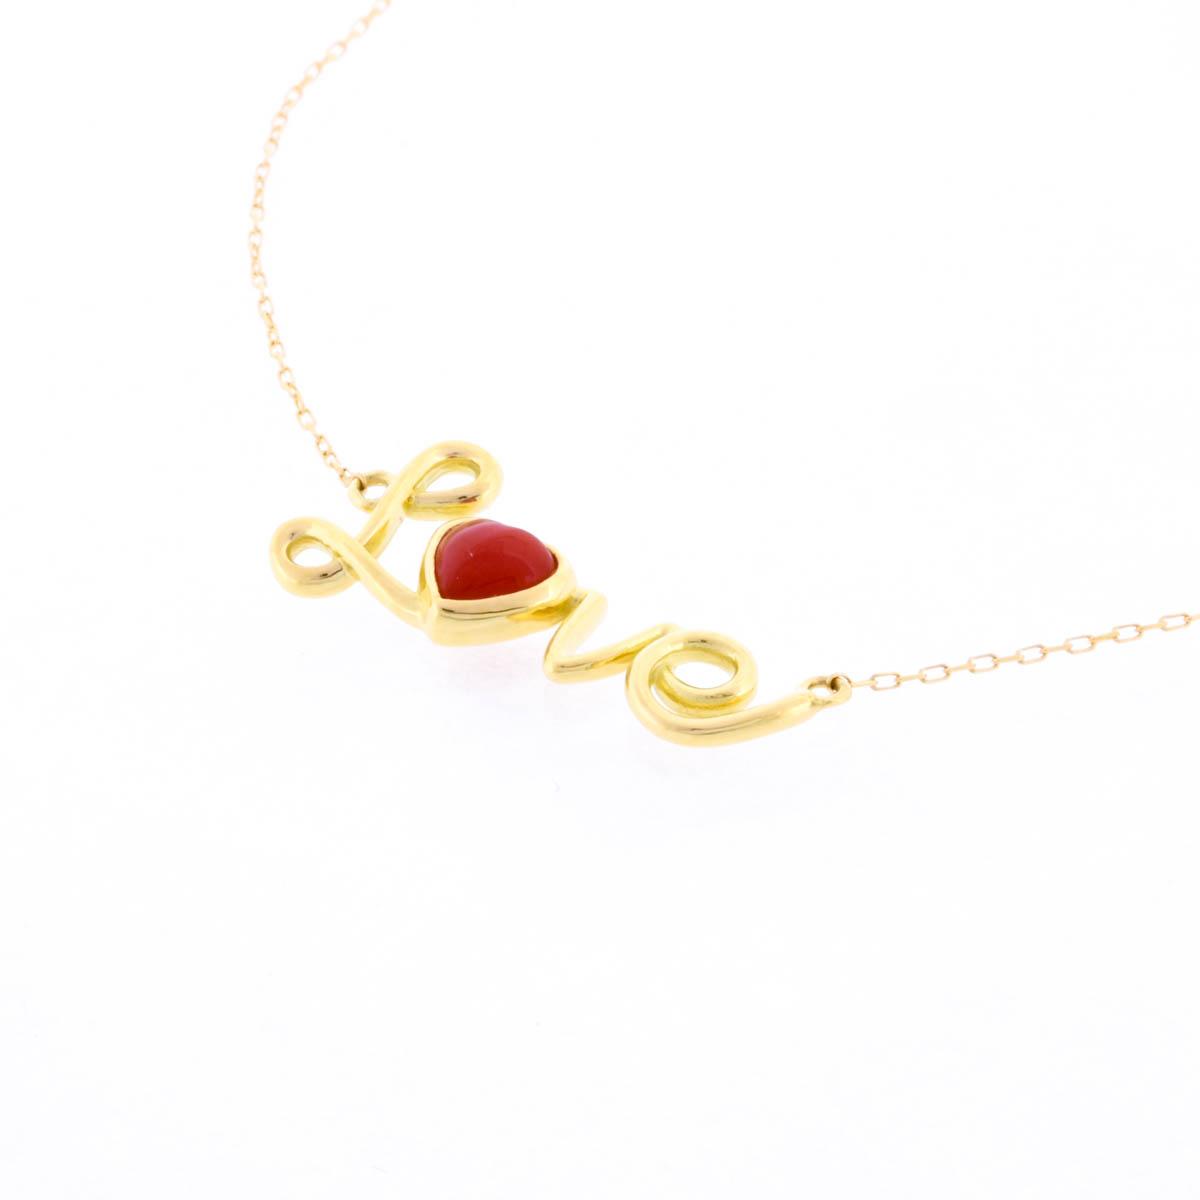 K18YG 赤珊瑚 ブレスレット LOVE ハート アルファベット